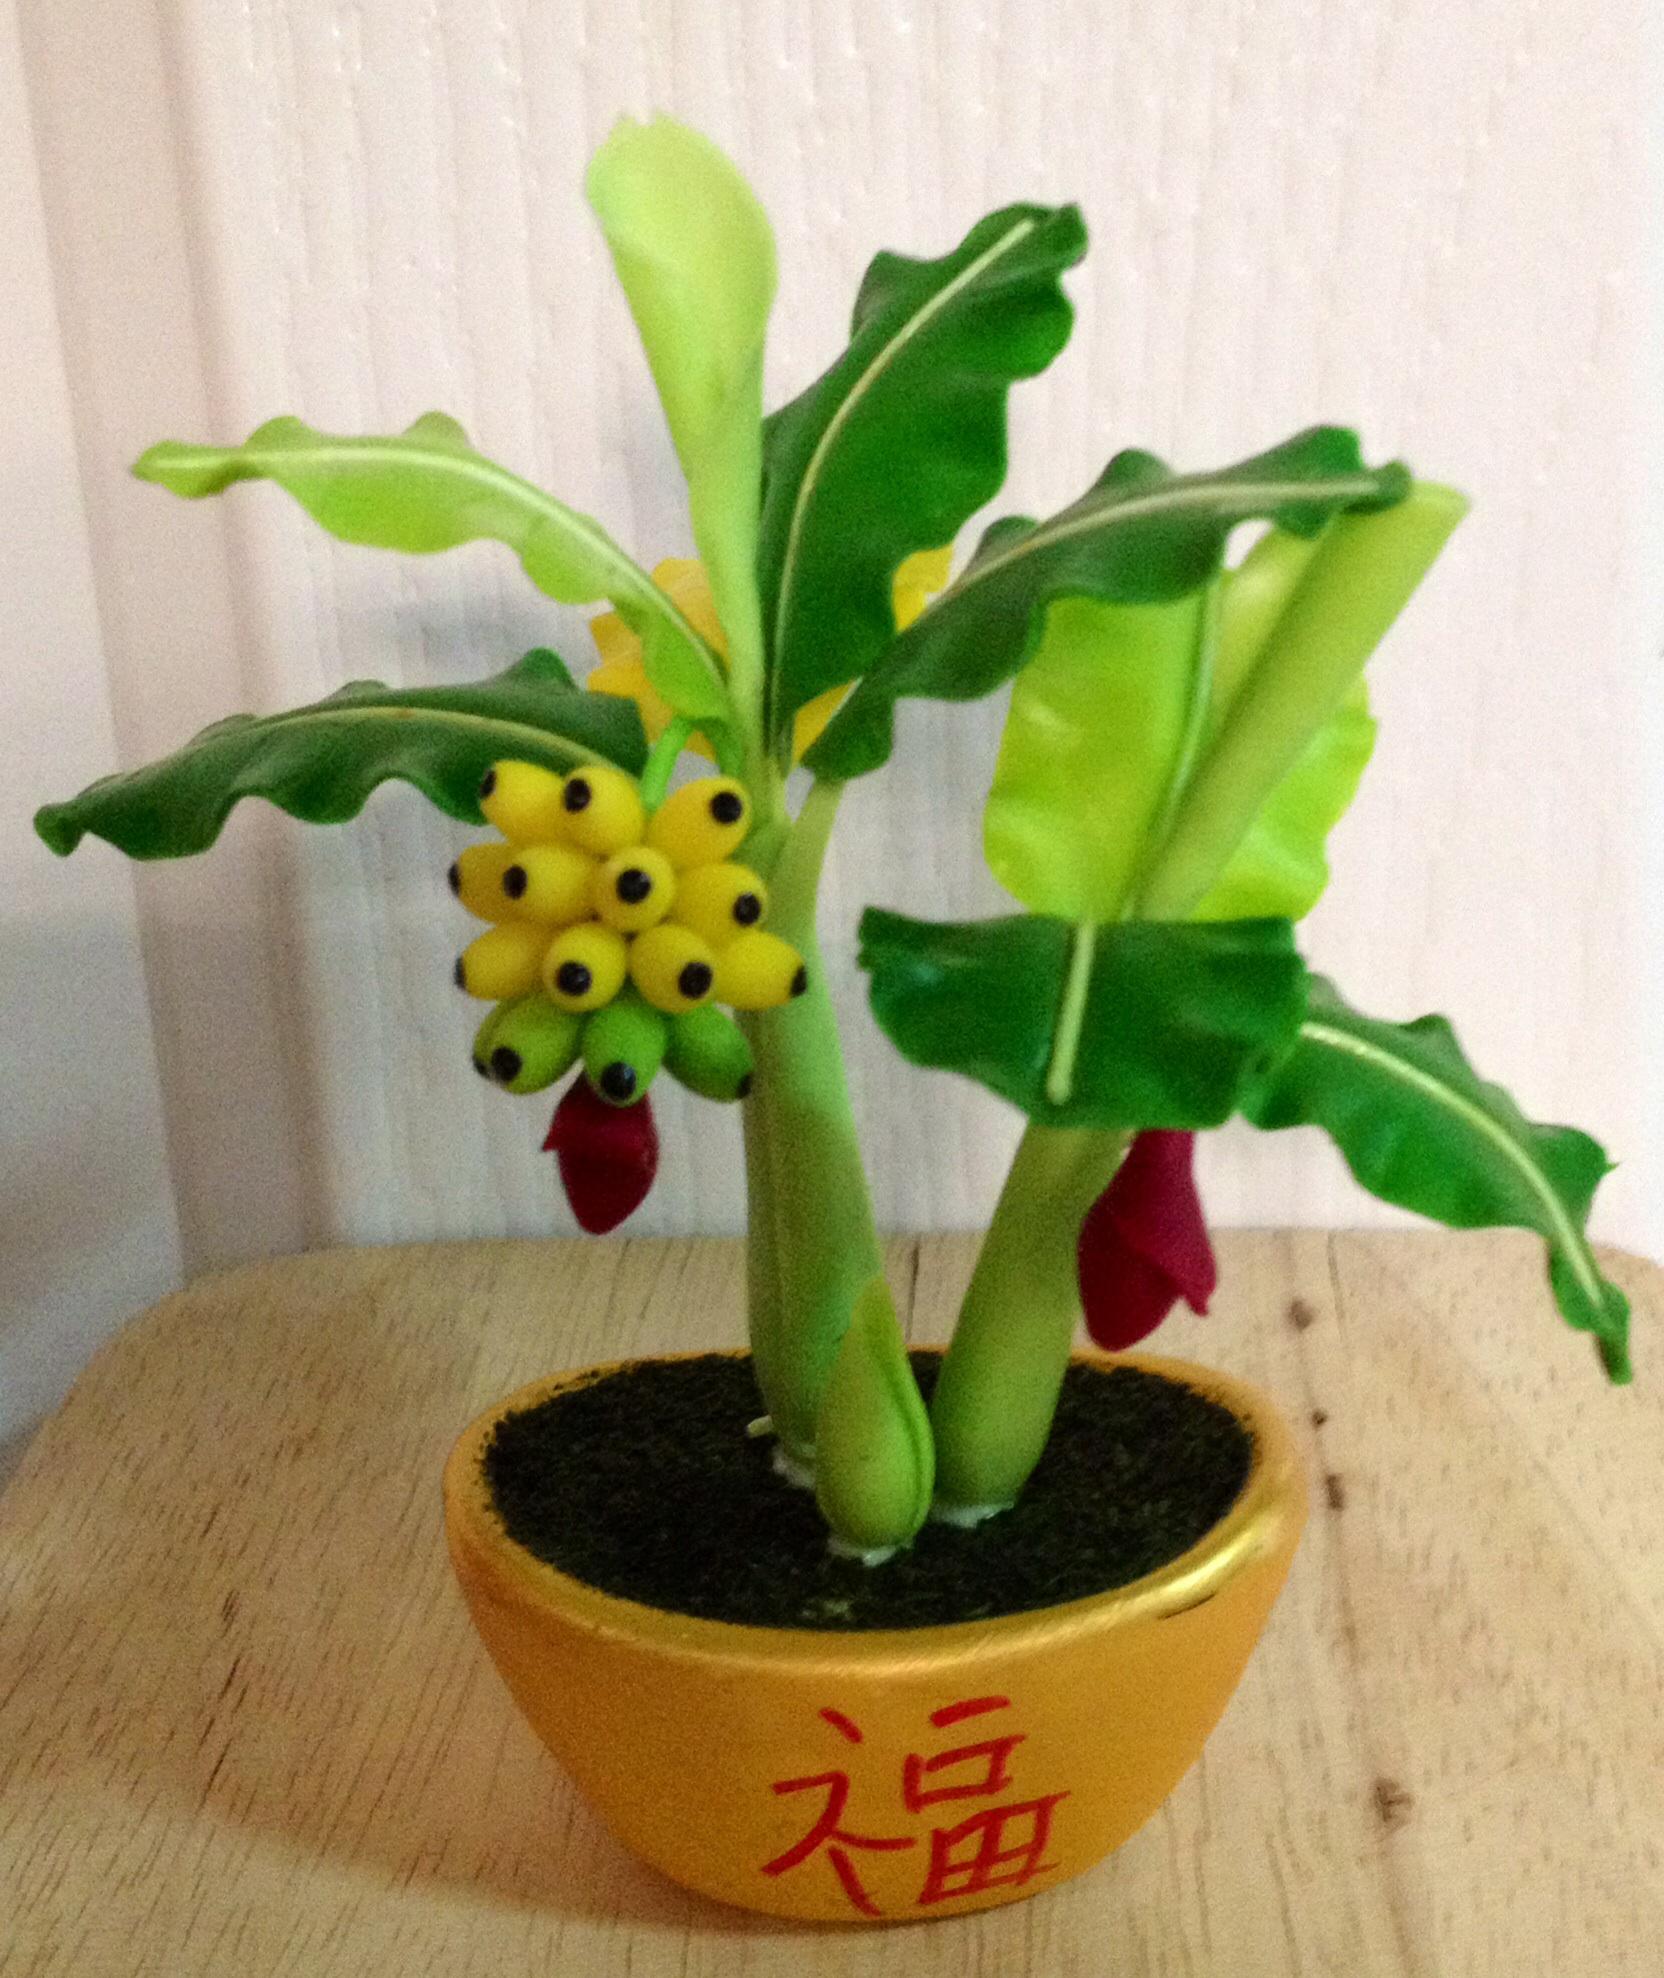 B028-ต้นกล้วย 4 นิ้ว